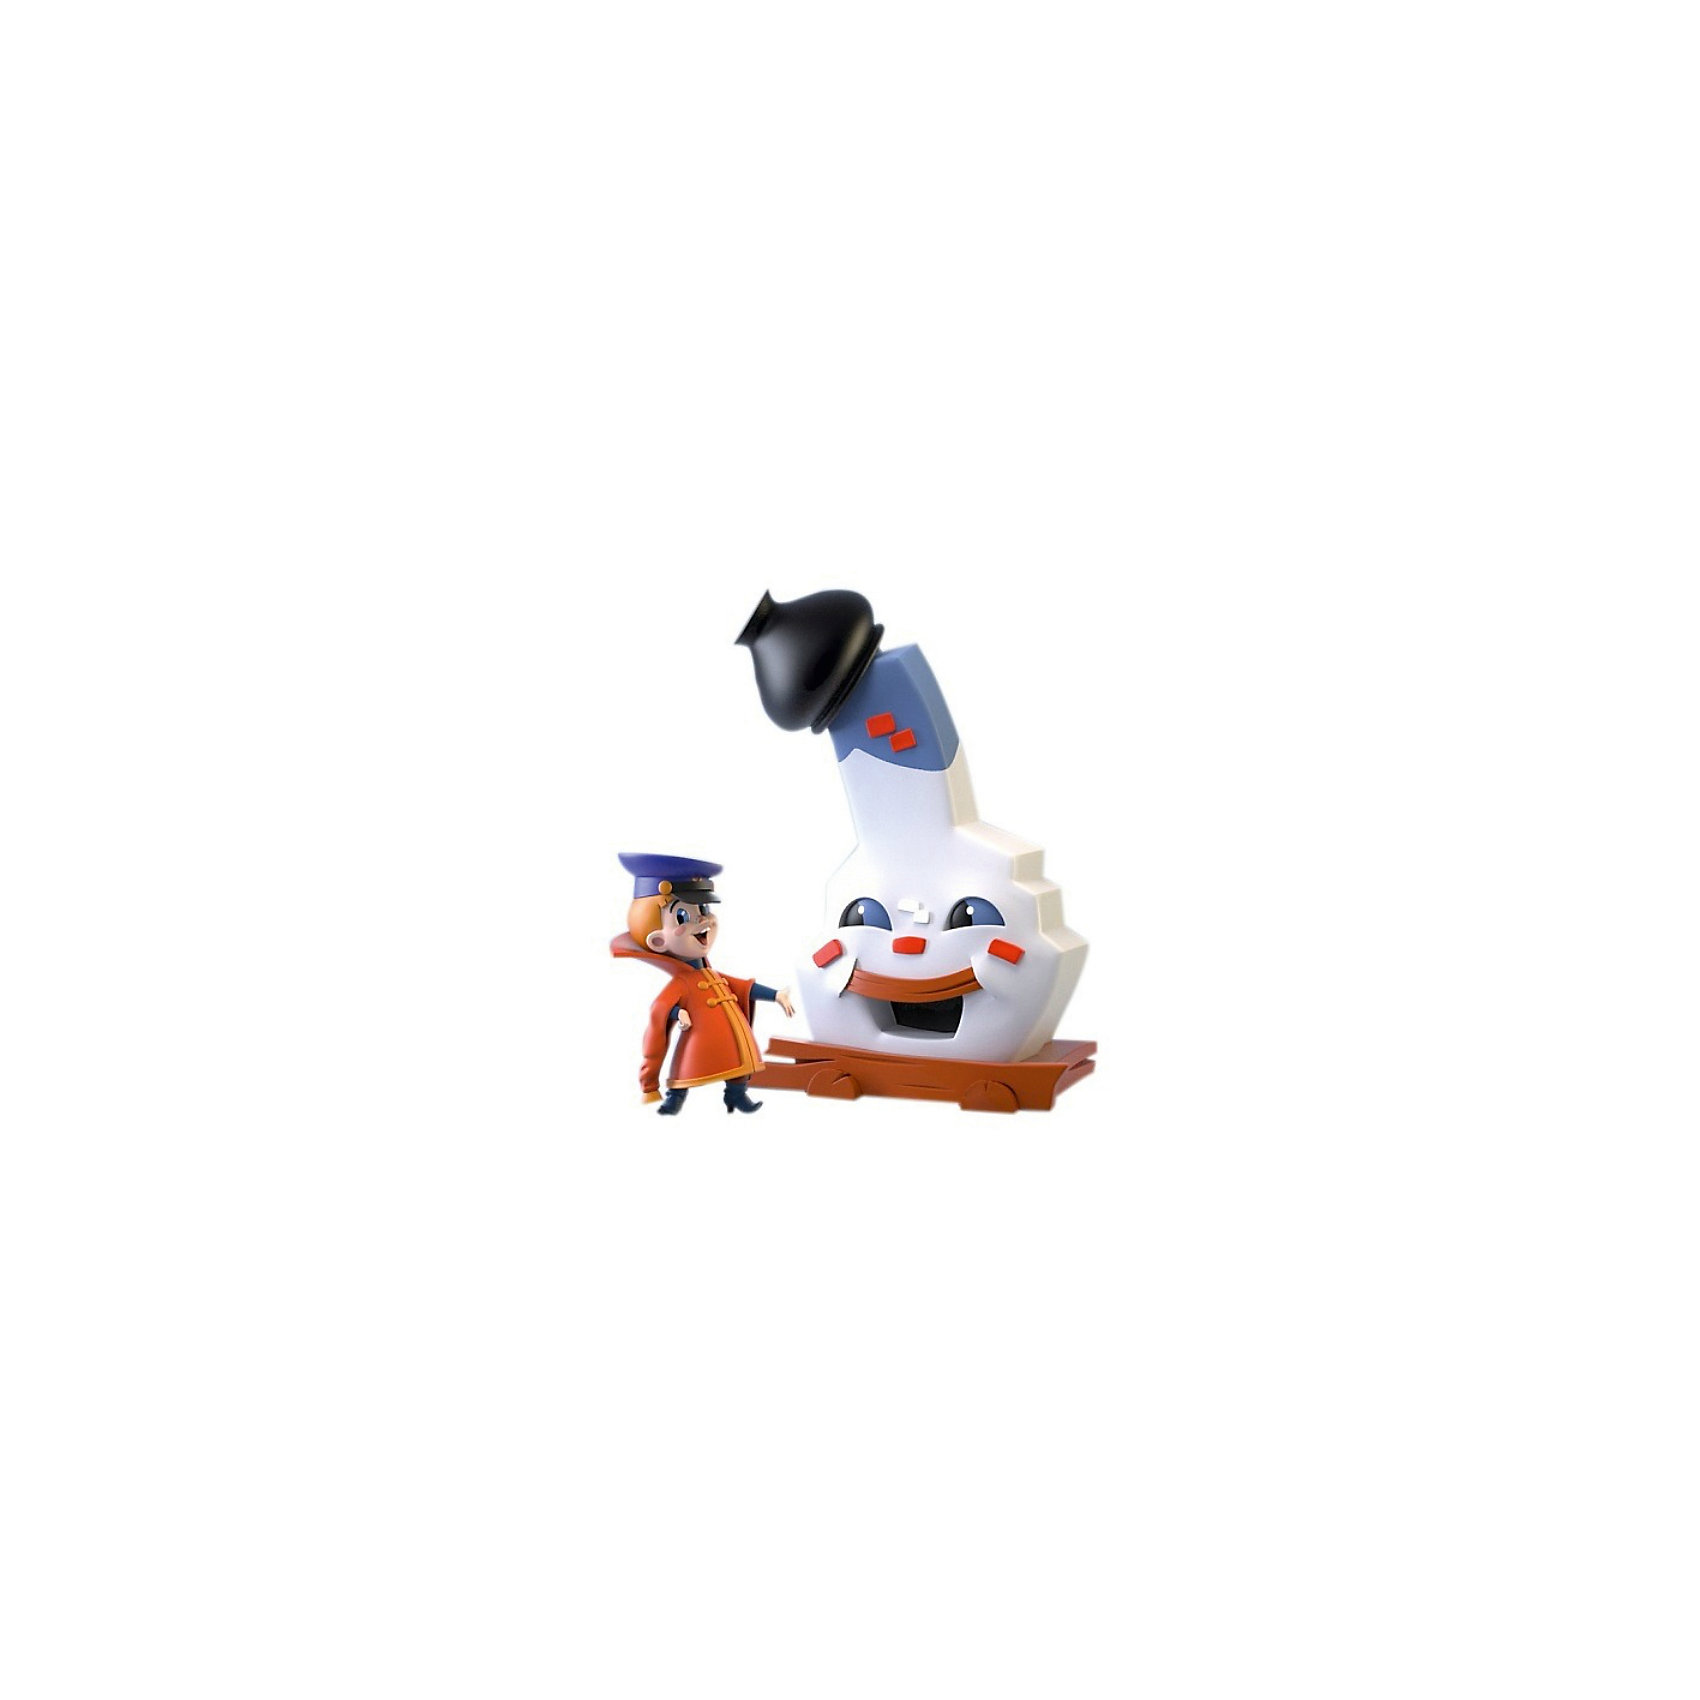 Prostotoys Набор фигурок Вовка и печка (м/ф Вовка в тридевятом царстве), Prostotoys prostotoys предметы интерьера